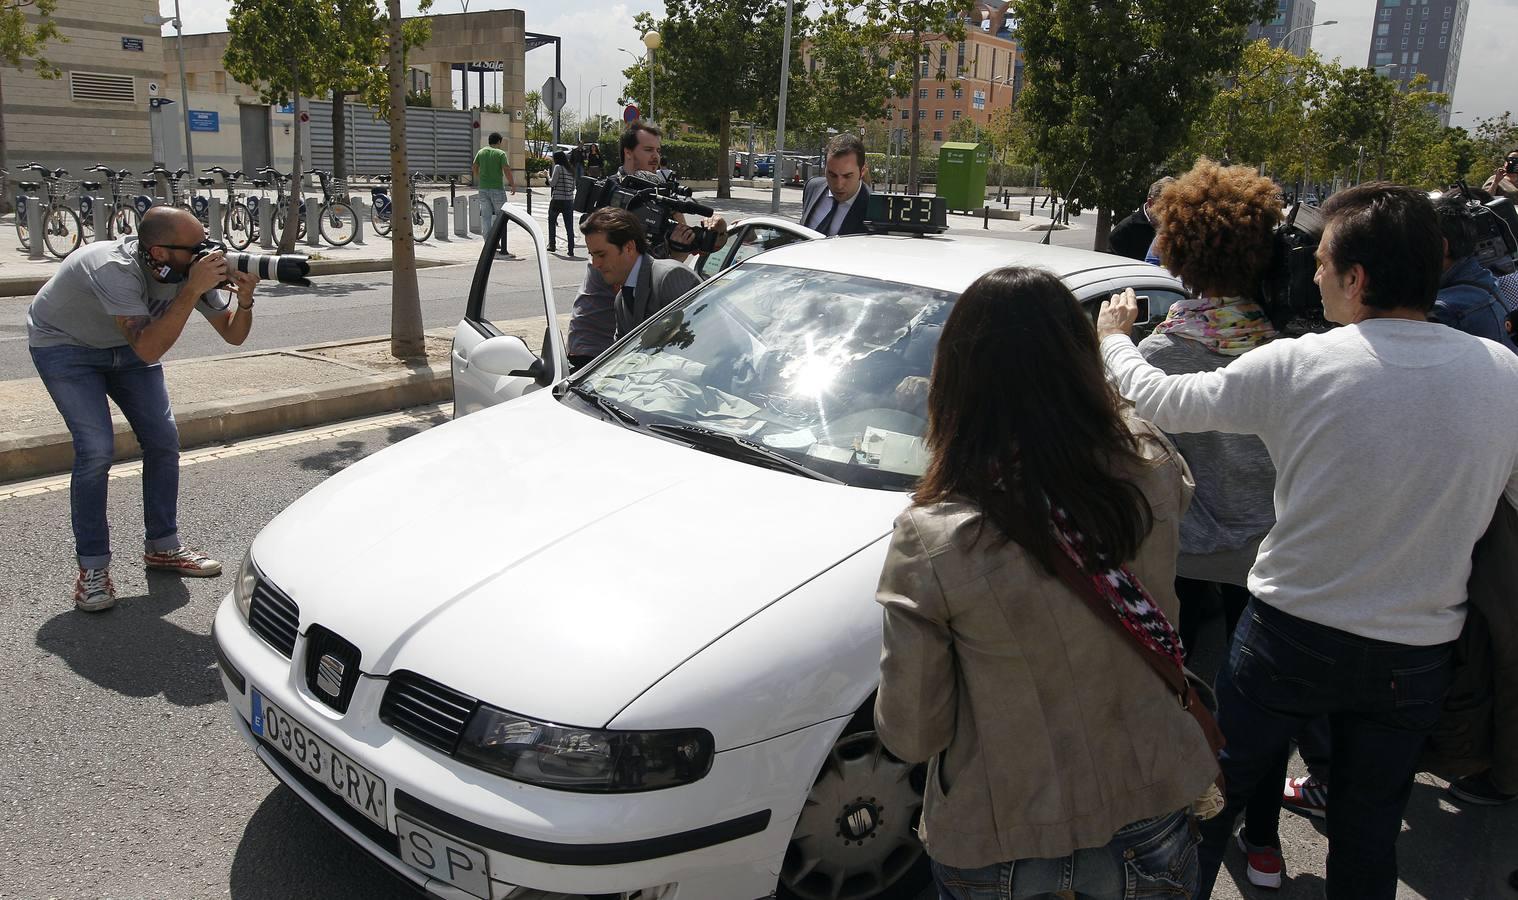 Sale en libertad el expresidente del Valencia Cf Juan Soler tras ser detenido acusado de intento de secuestro